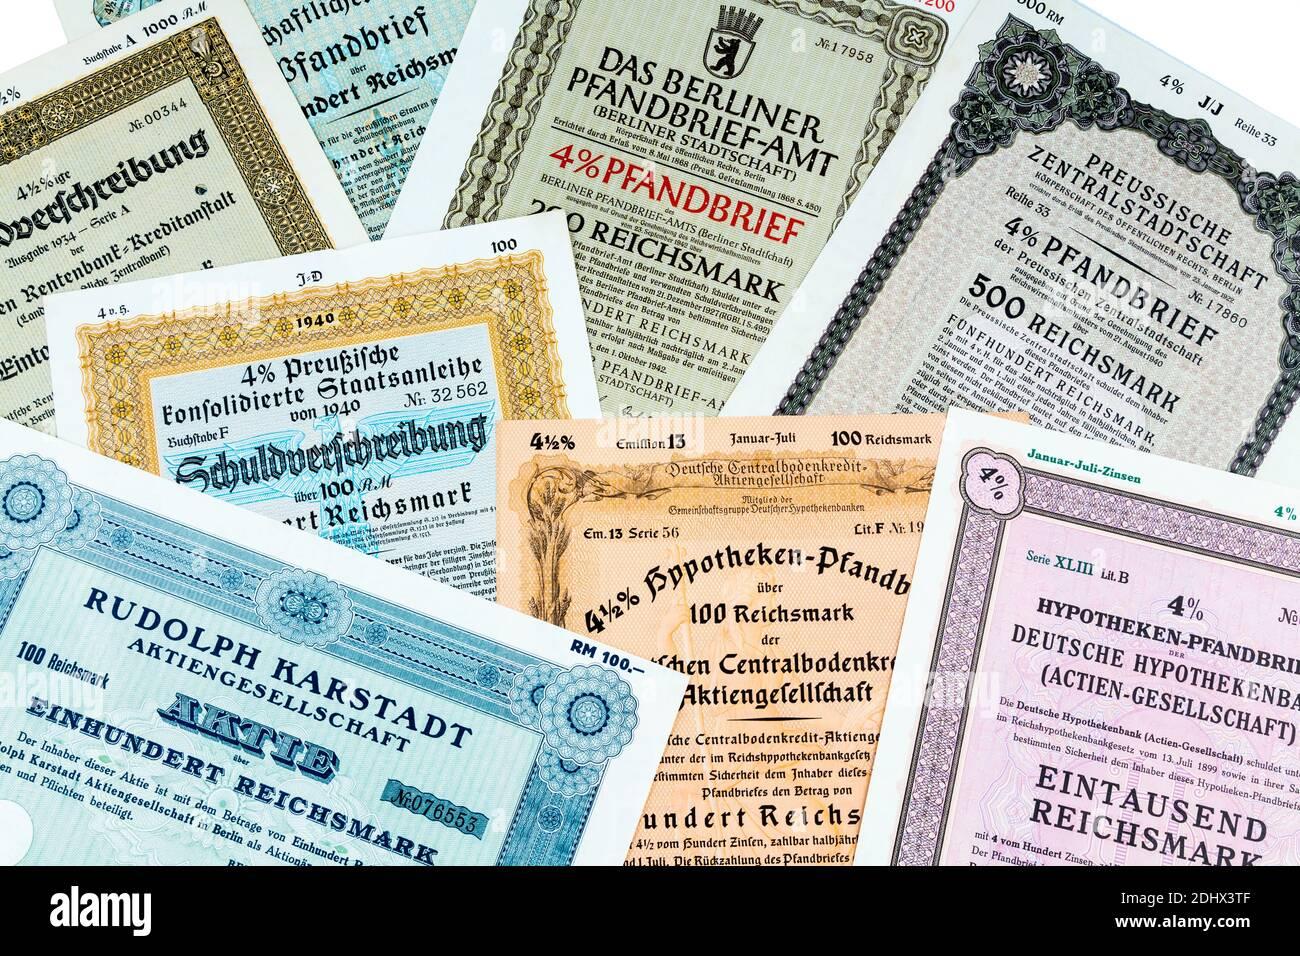 Das Wort Aktie auf einem Wertpapier. Richtige Geldanlage und Investment an der Börse. Historische Wertpapiere Stock Photo